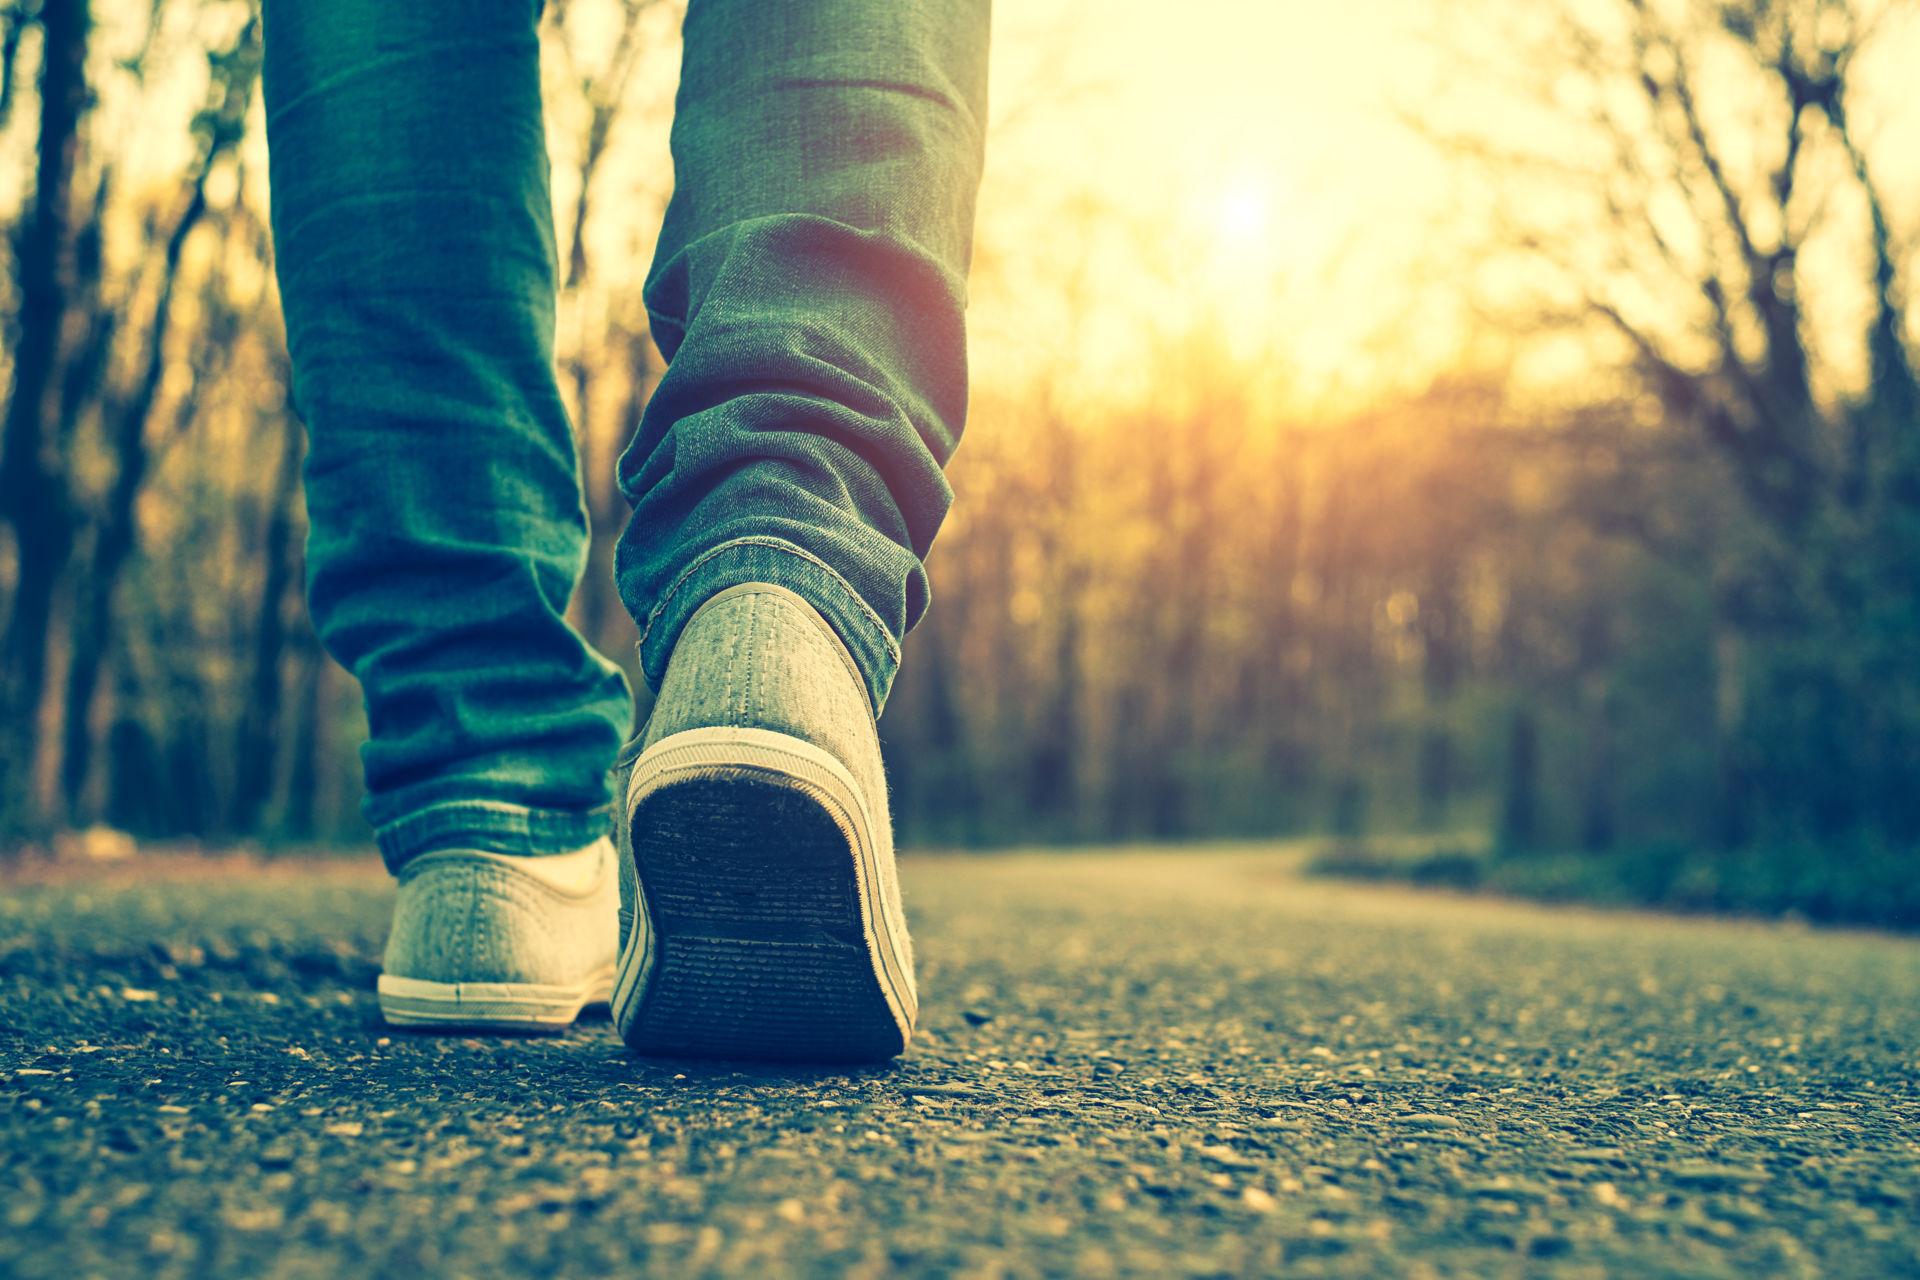 Maantasolta kuvattu kävelijä, jonka yllä on farkut ja tennarit.